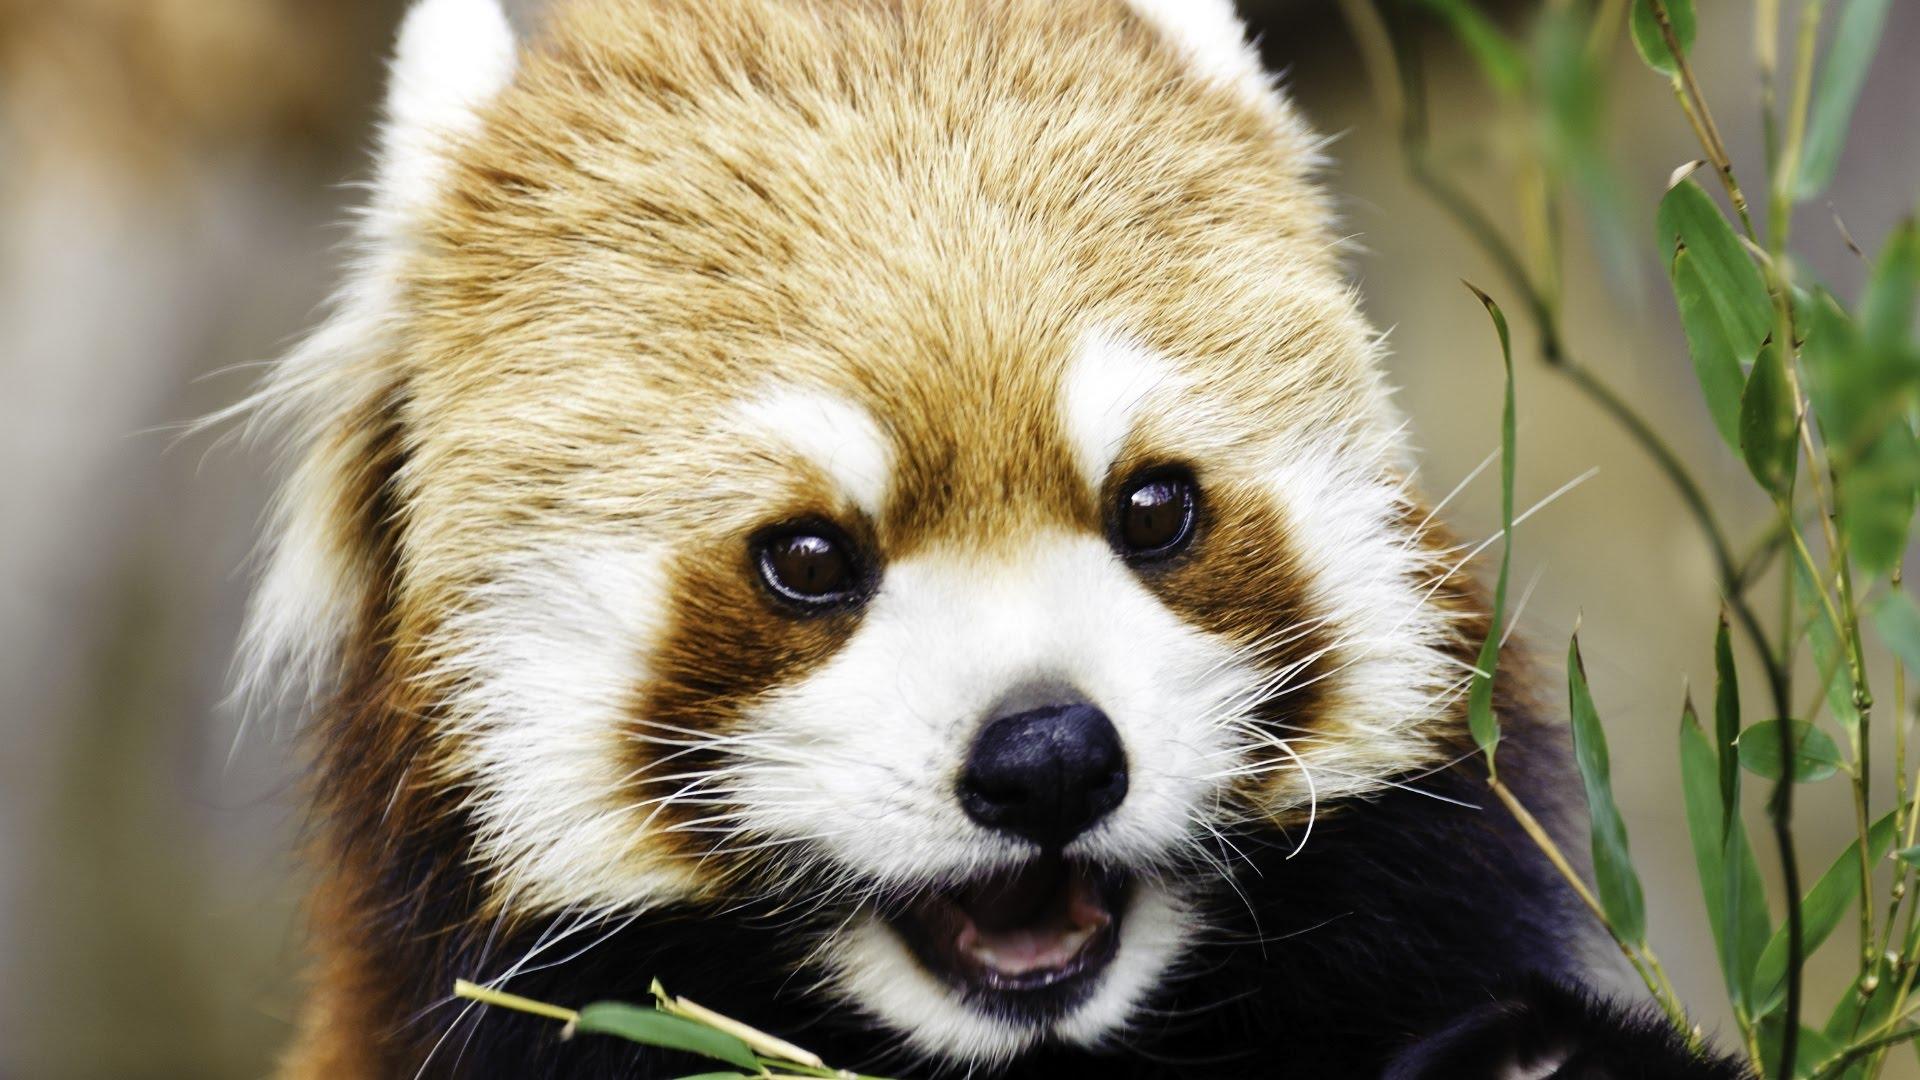 Drawn red panda sad animal PANDAS Cute eating YouTube RED